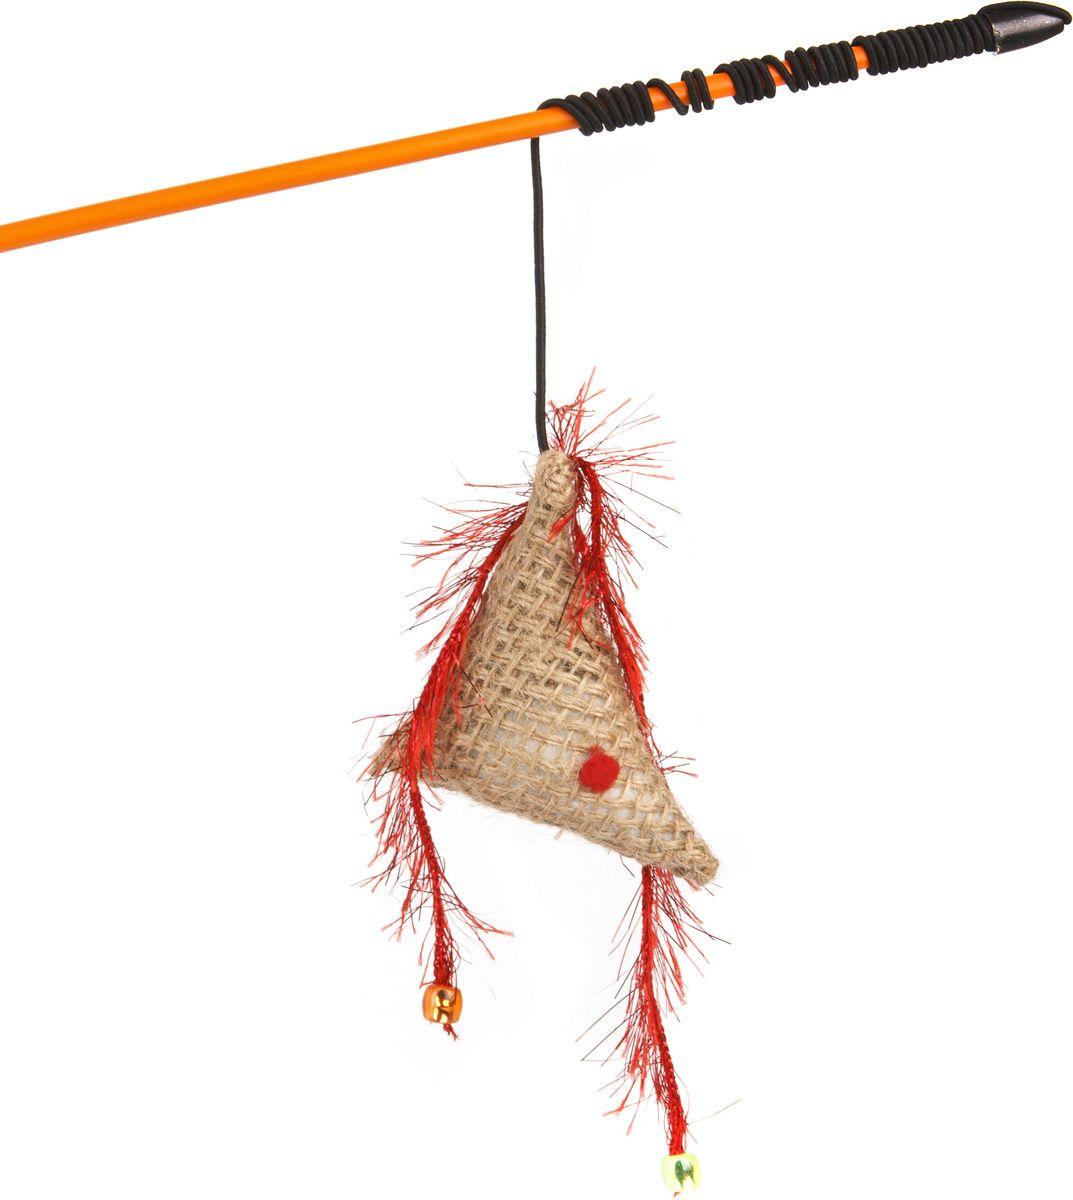 Игрушка-дразнилка для кошек GLG Рыбка, длина 60 смGLG053Игрушка-дразнилка для кошек GLG Рыбка представляет собой пластиковую палочку, на конце которой прикреплена рыбка. Игрушка на резинке, хорошо пружинит и отскакивает. Игрушка поможет развить мускулатуру и реакцию кошки, а также удовлетворит её охотничий инстинкт. Способствует балансировке нервной системы, повышению мышечного тонуса, правильному развитию скелета. Рекомендуется для совместных игр хозяина с питомцем.Длина игрушки: 60 см.